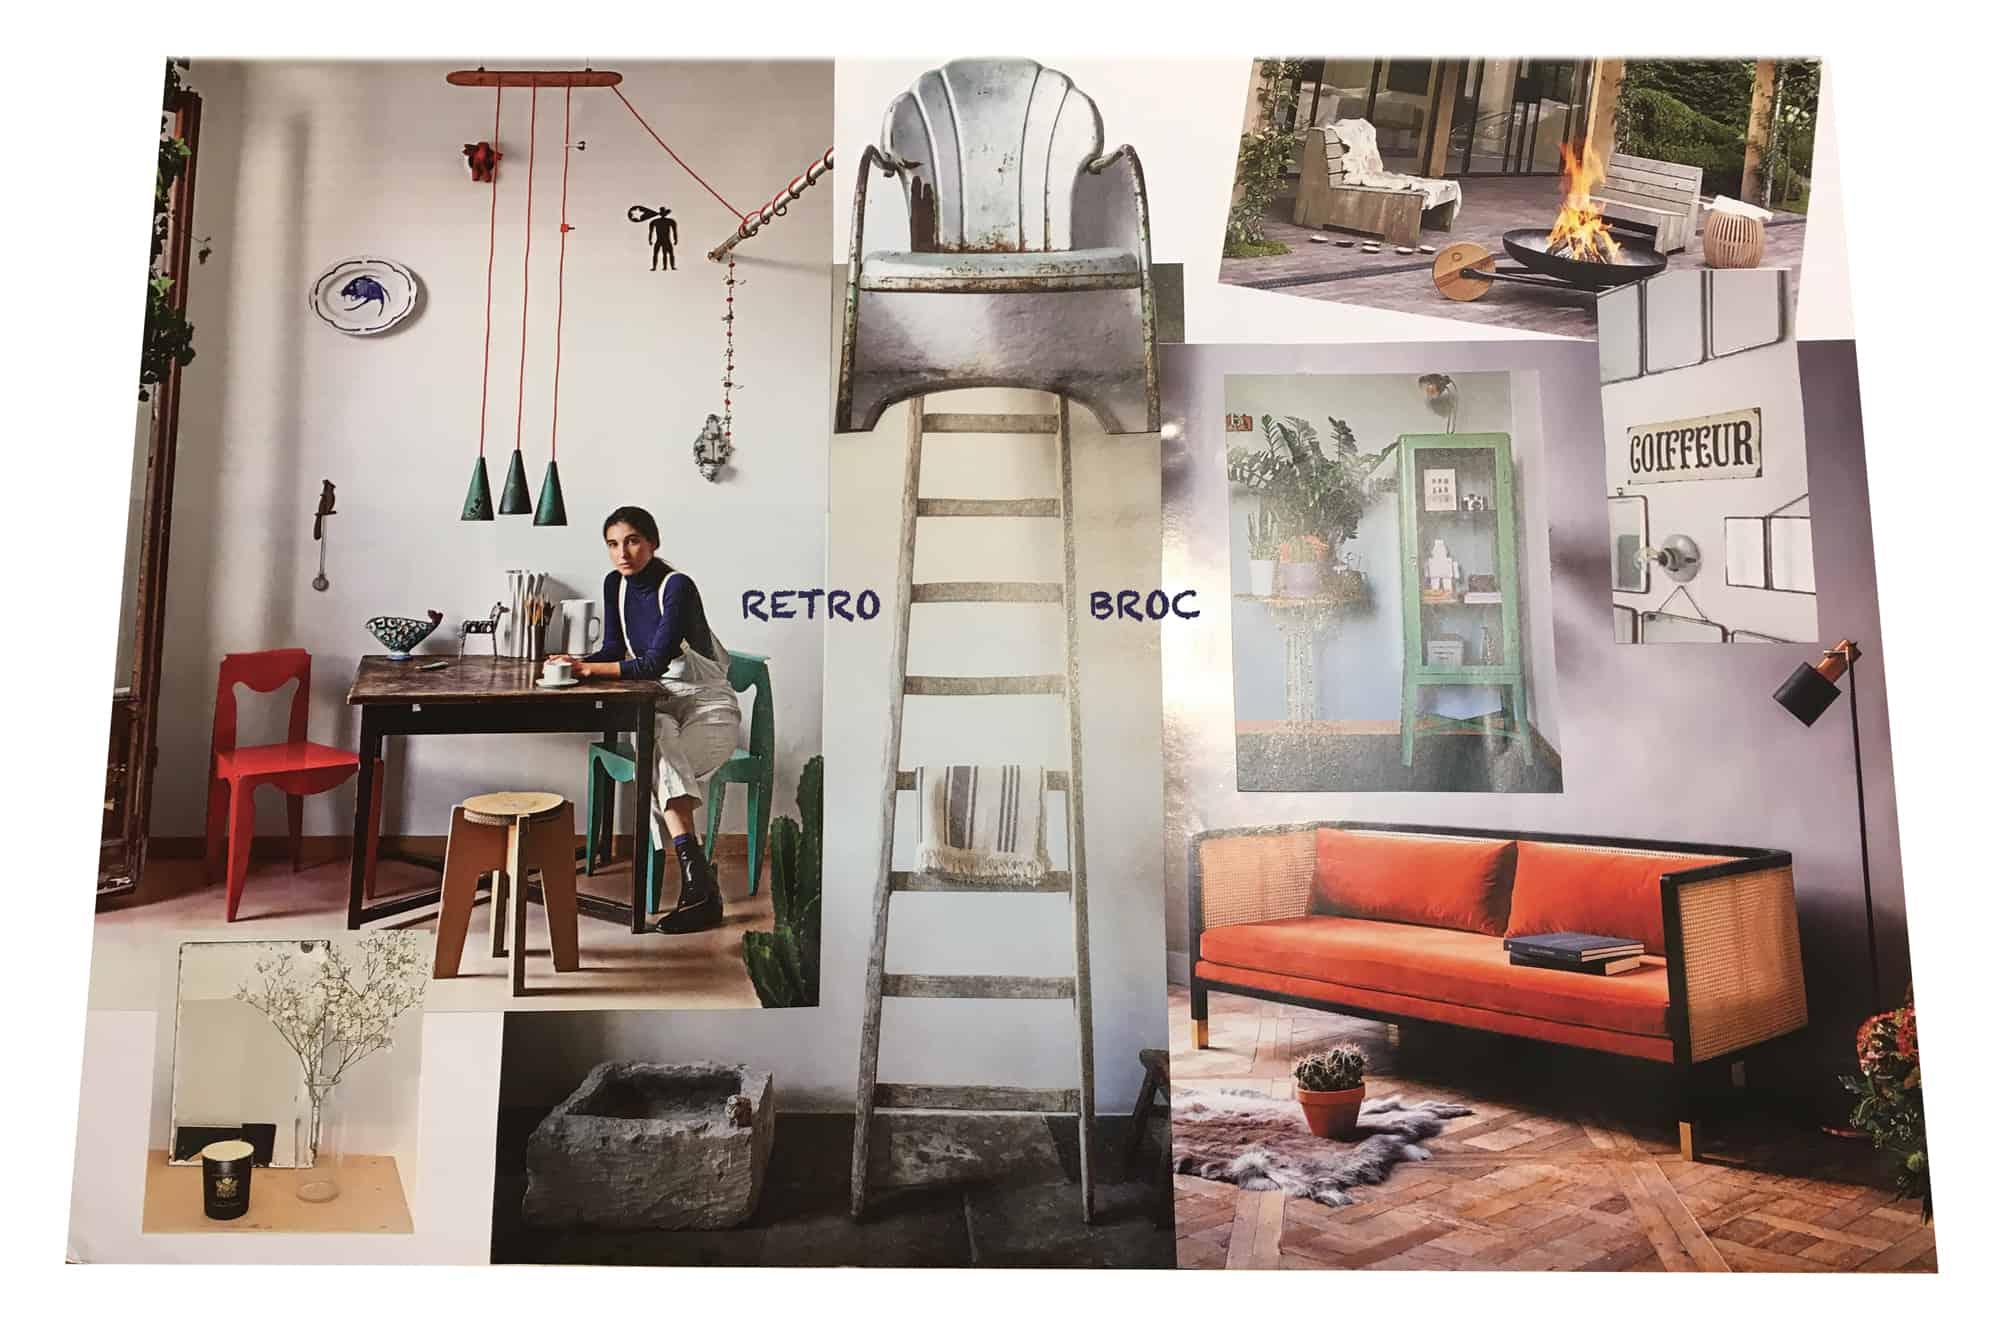 Décoration intérieure, aménagement d'espace professionnel, design d'espace, Picture design d'espace